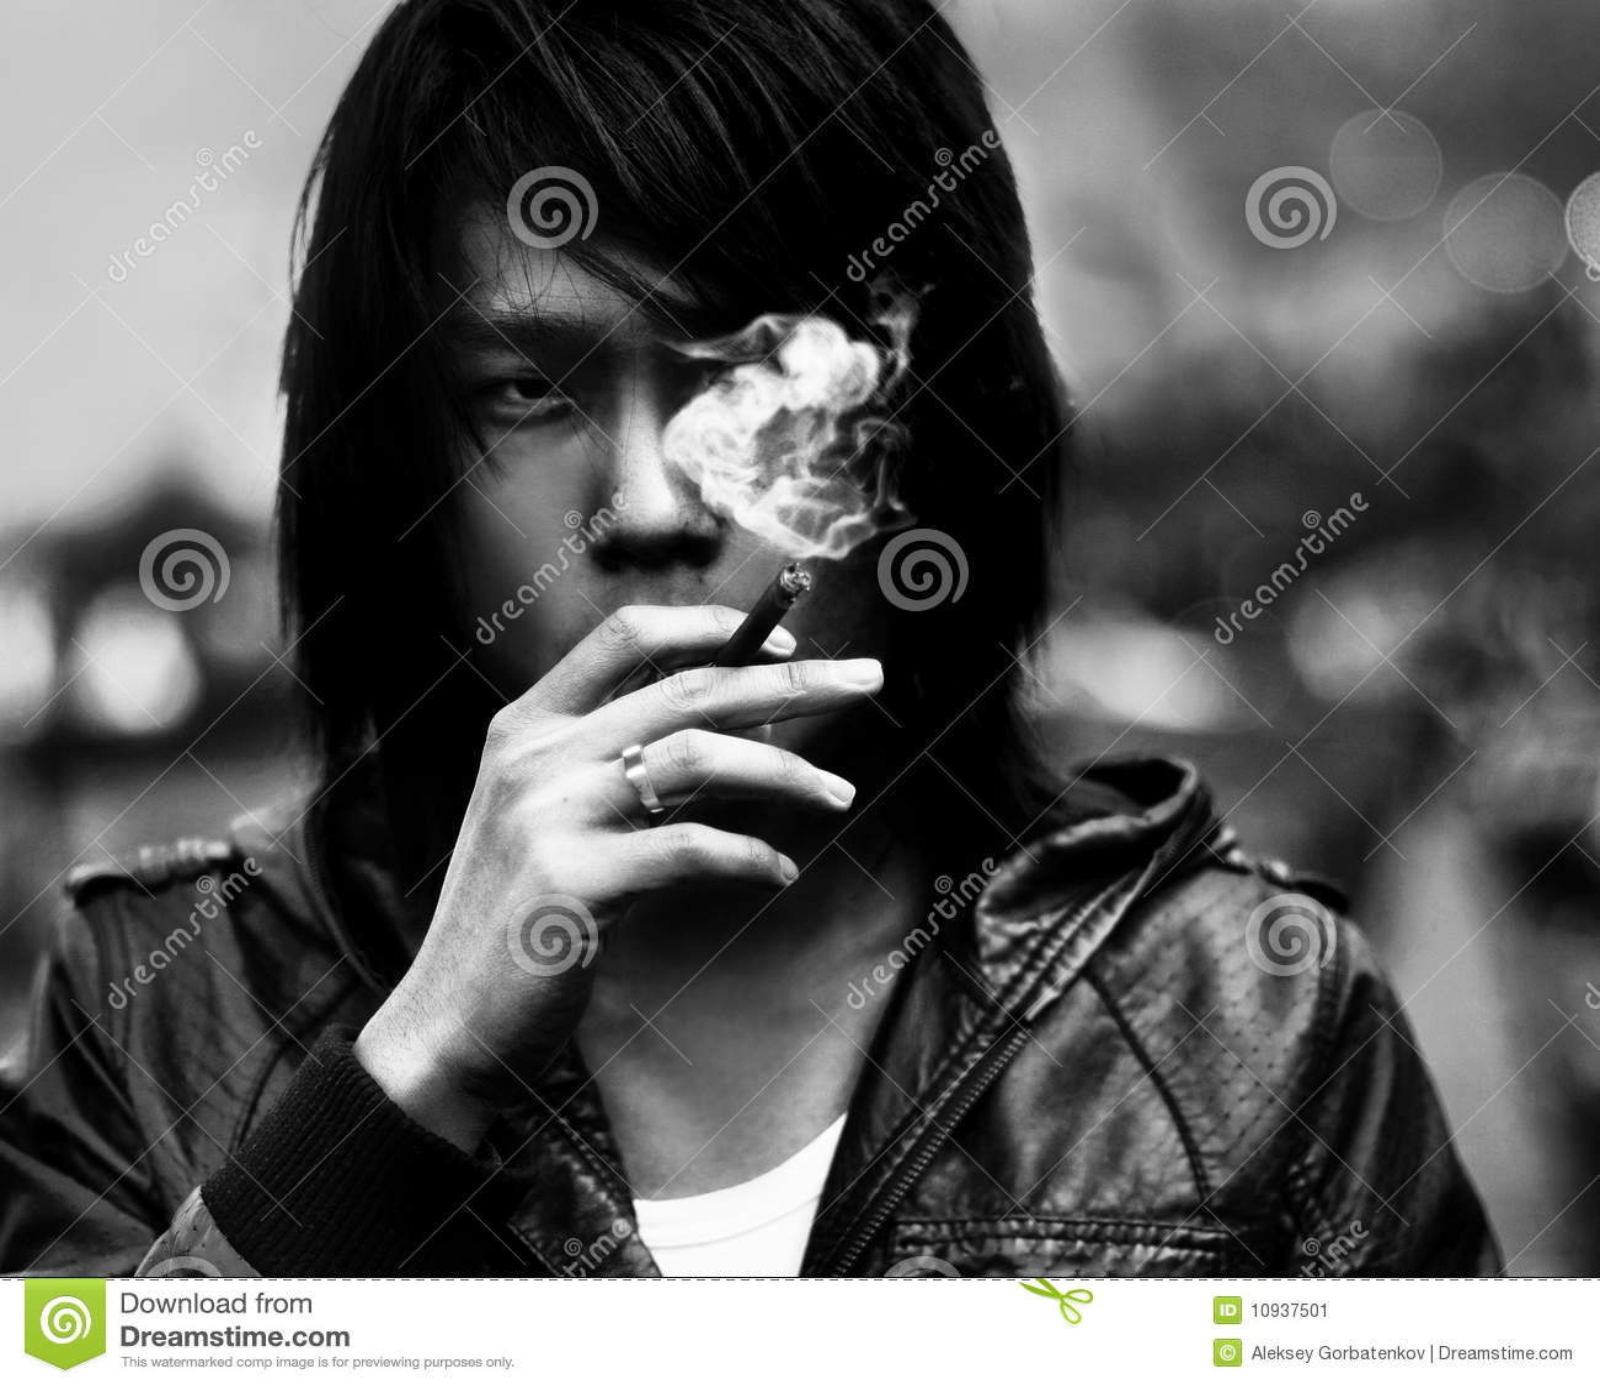 外国男人操中国女人大逼�_亚洲与黑人_亚洲一号_亚洲国家_黑人卷_38视频网